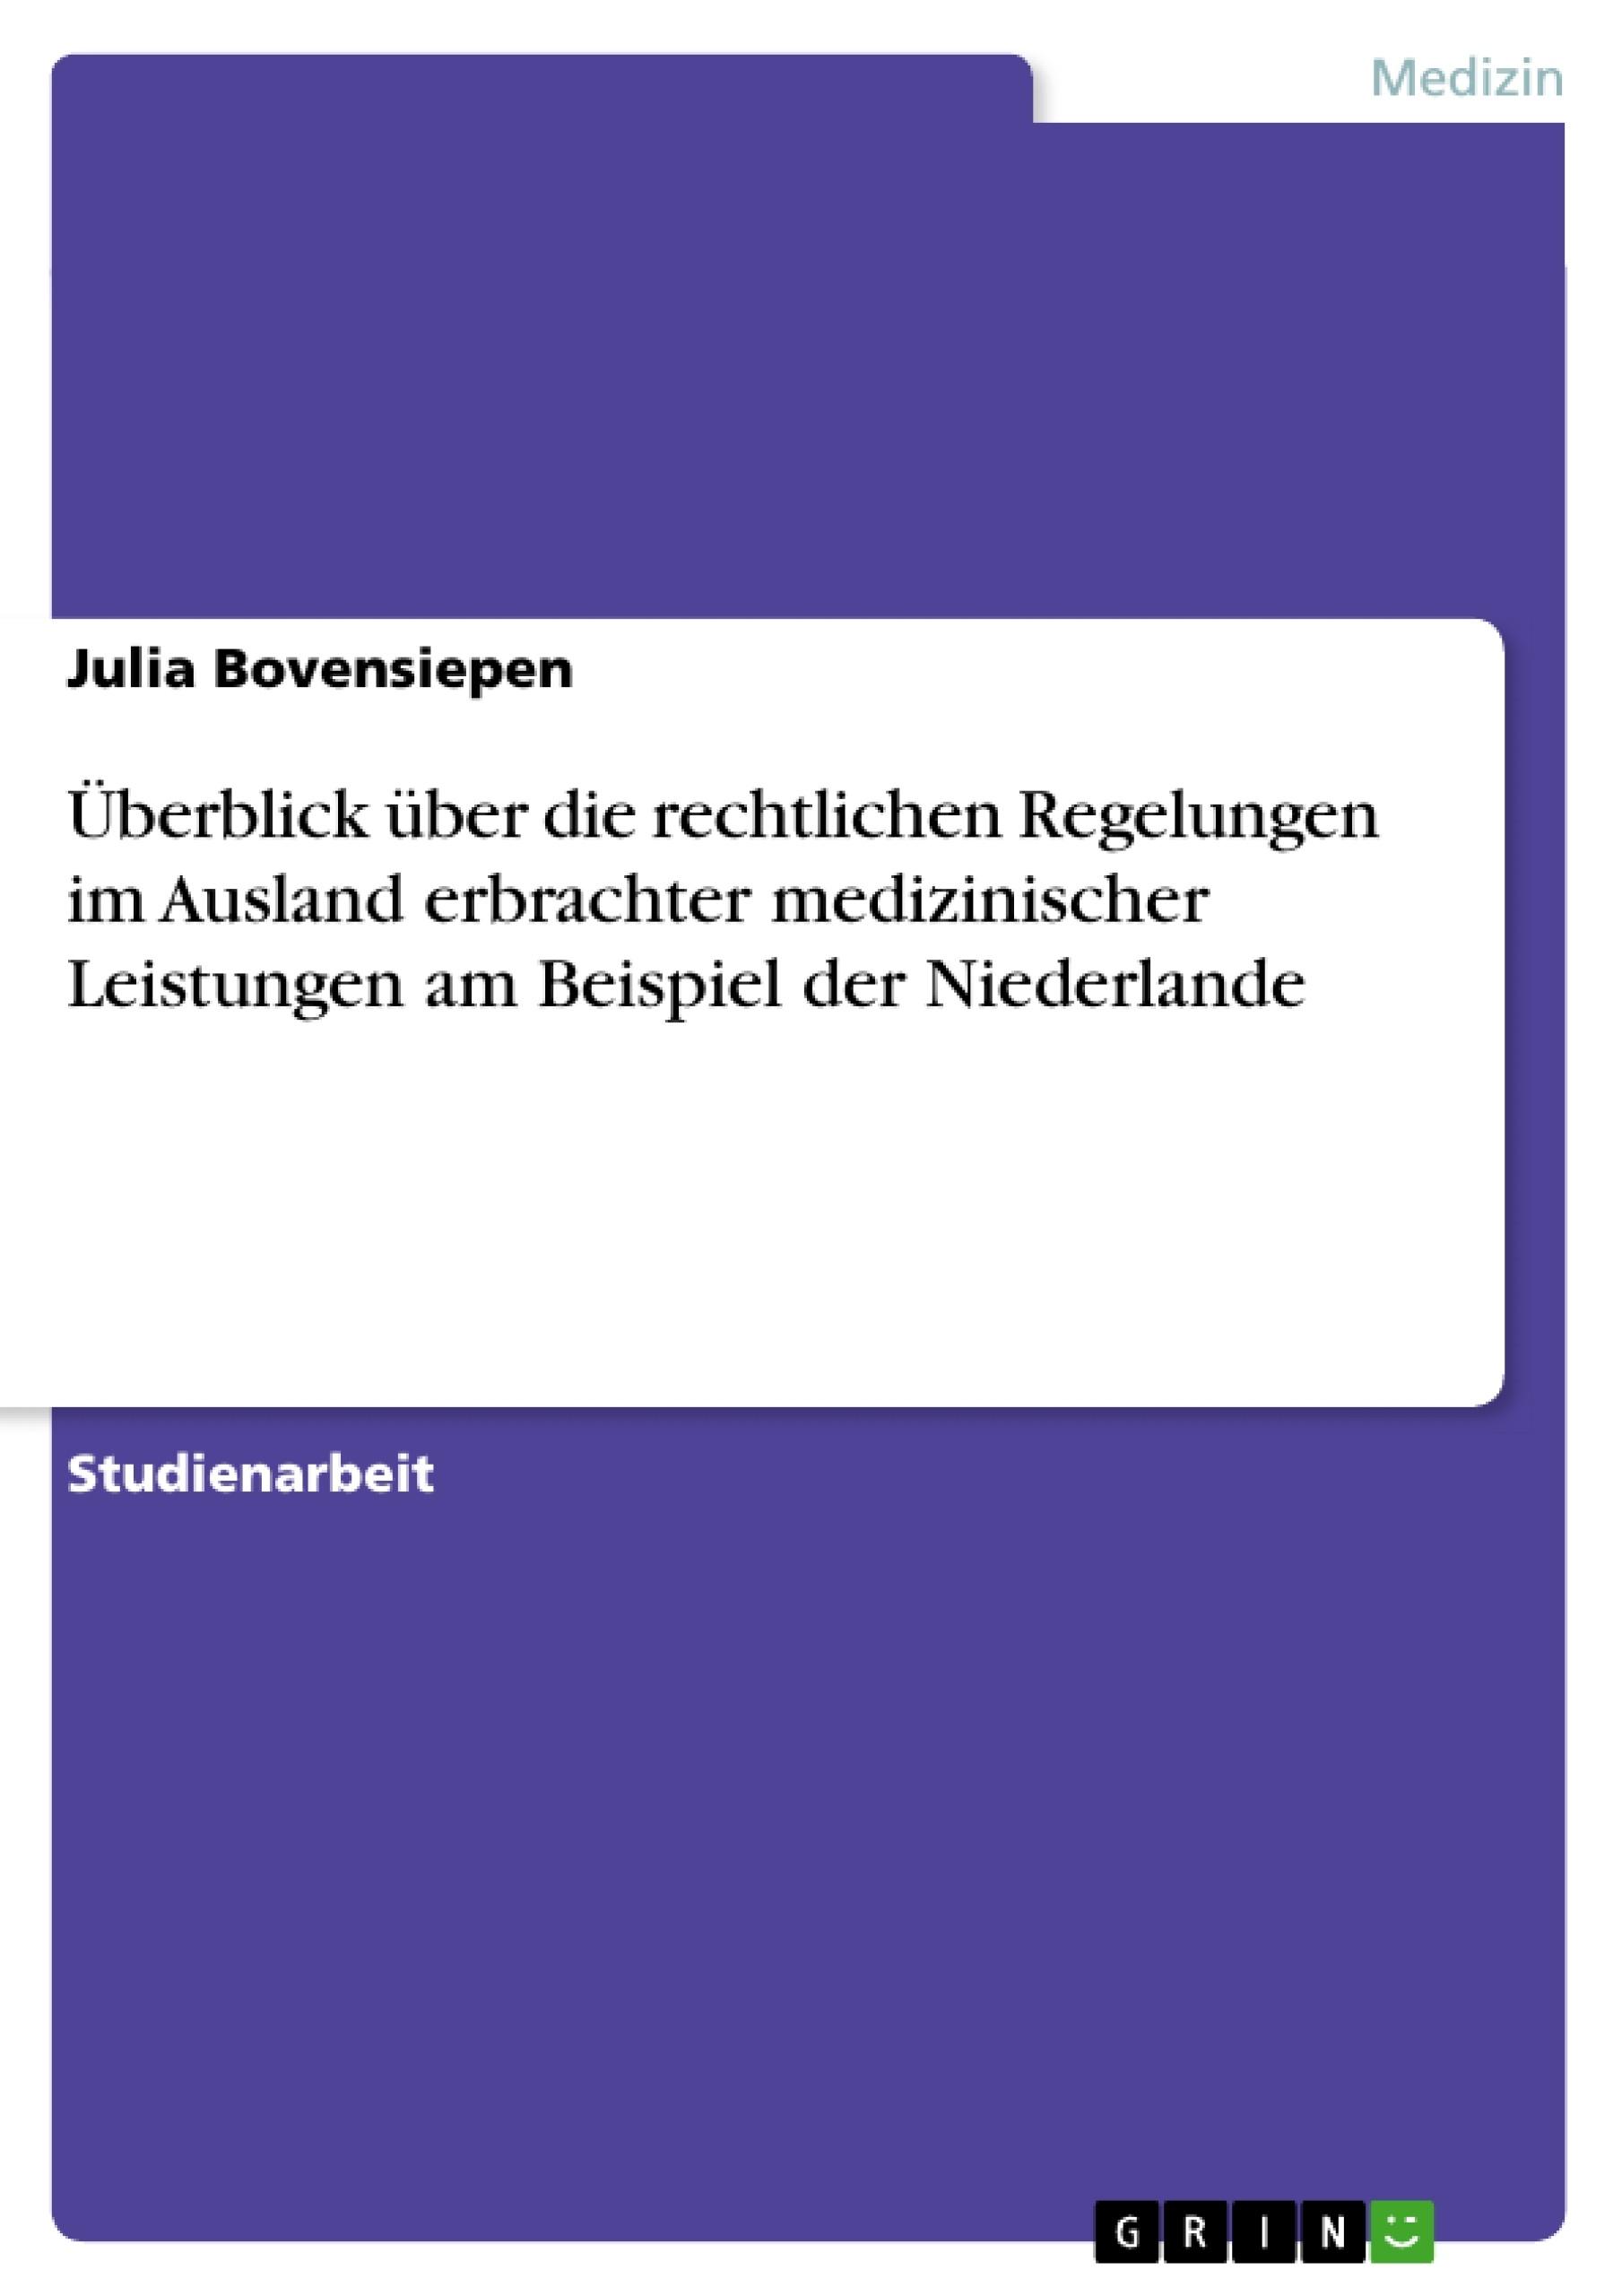 Titel: Überblick über die rechtlichen Regelungen im Ausland erbrachter medizinischer Leistungen am Beispiel der Niederlande